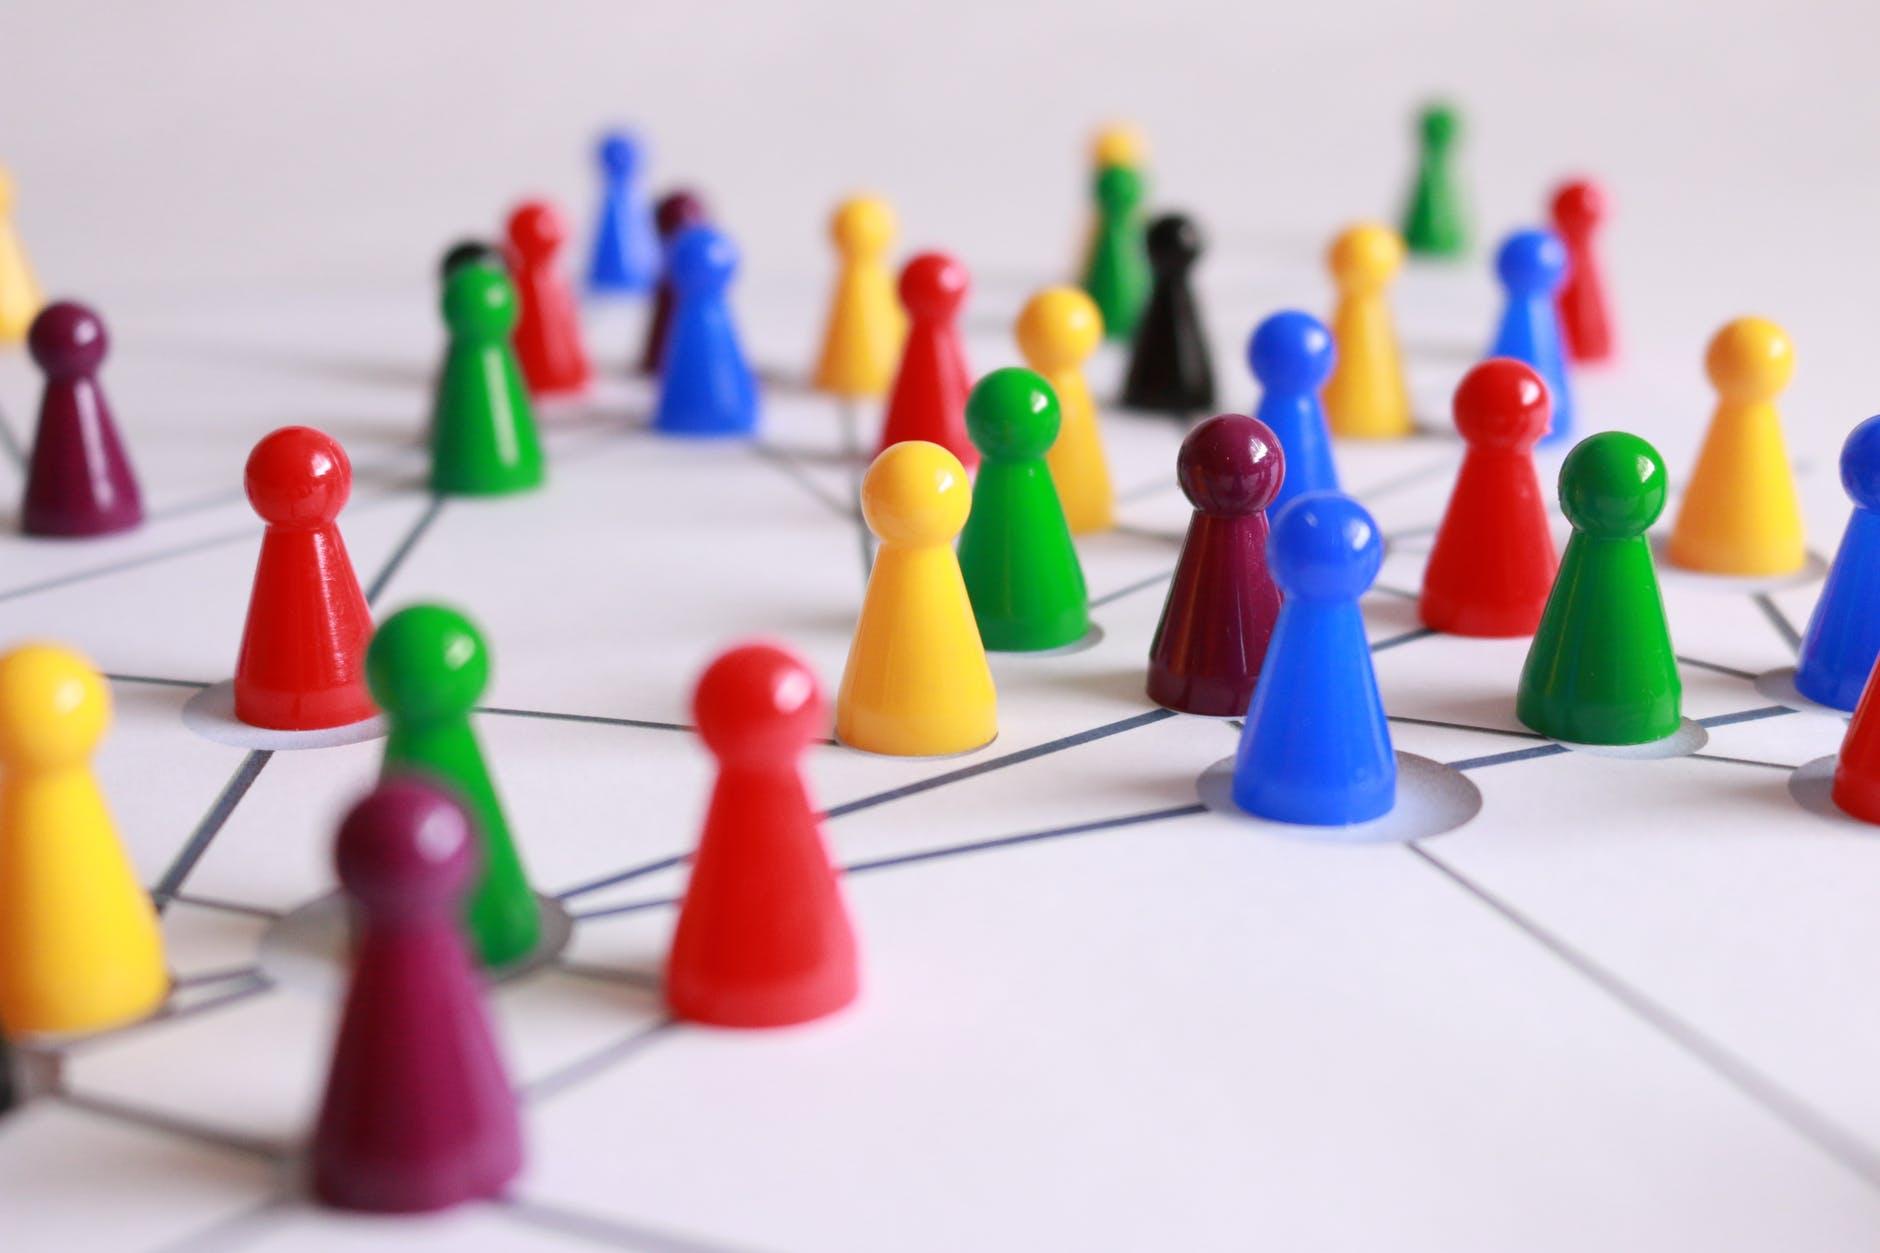 Как расширить базу бизнес-контактов с помощью инструментов для поиска email в 2021?